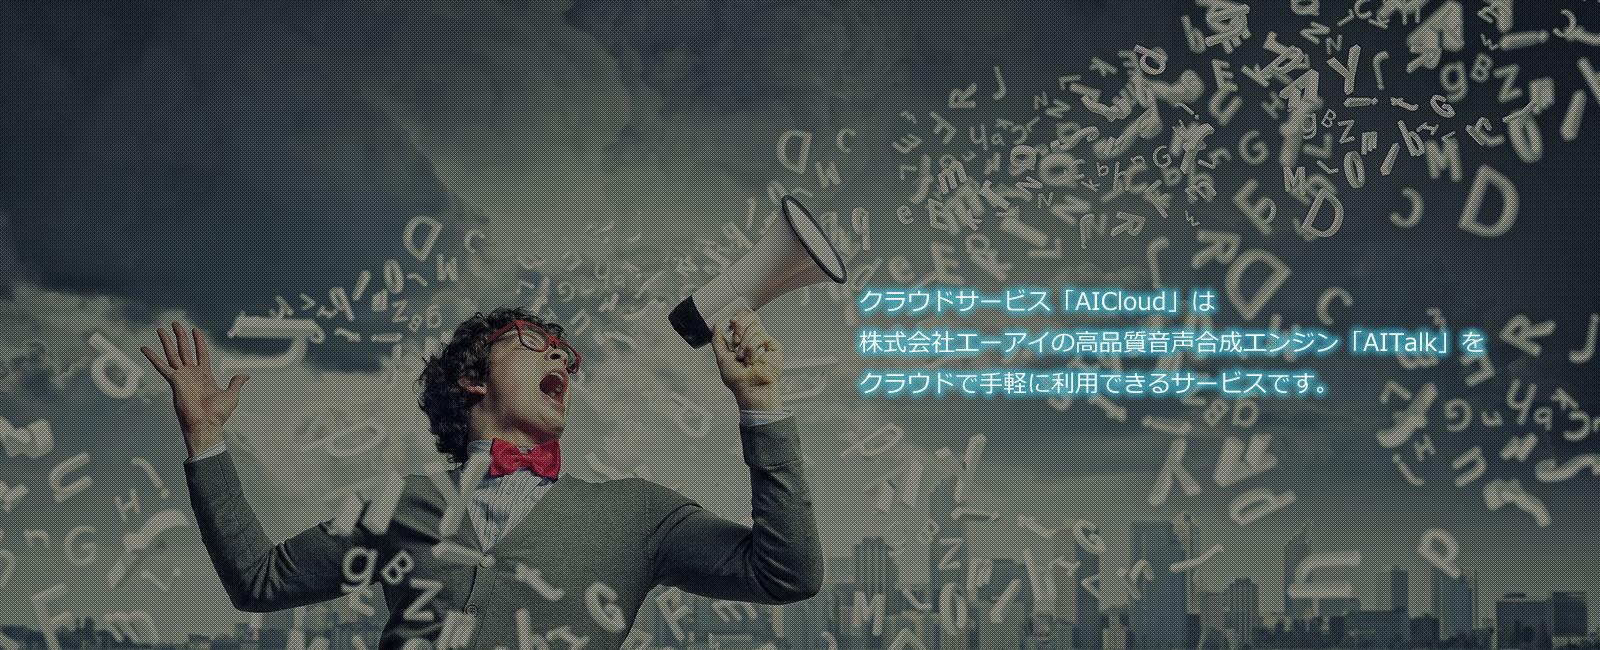 クラウドサービス「AICloud(エーアイクラウド)」は株式会社エーアイの高品質音声合成エンジン「AITalk」をクラウドで手軽に利用できるサービスです。